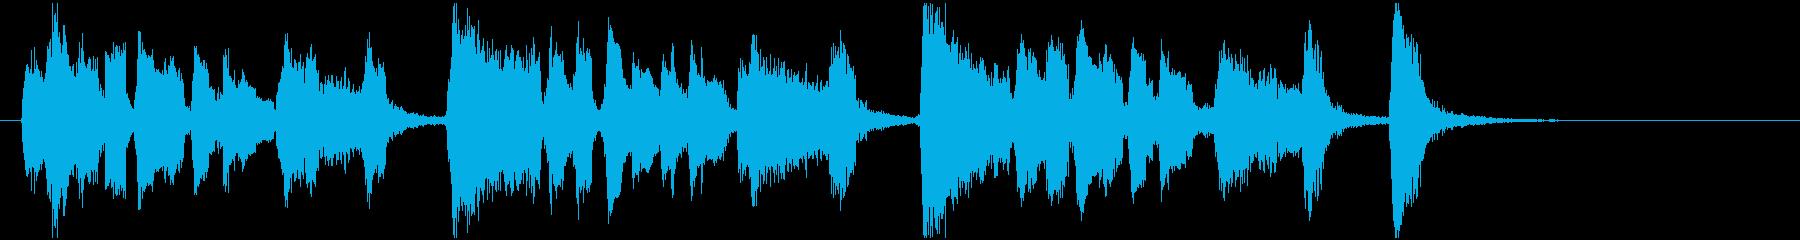 小粋なJazzジングル 8秒の再生済みの波形